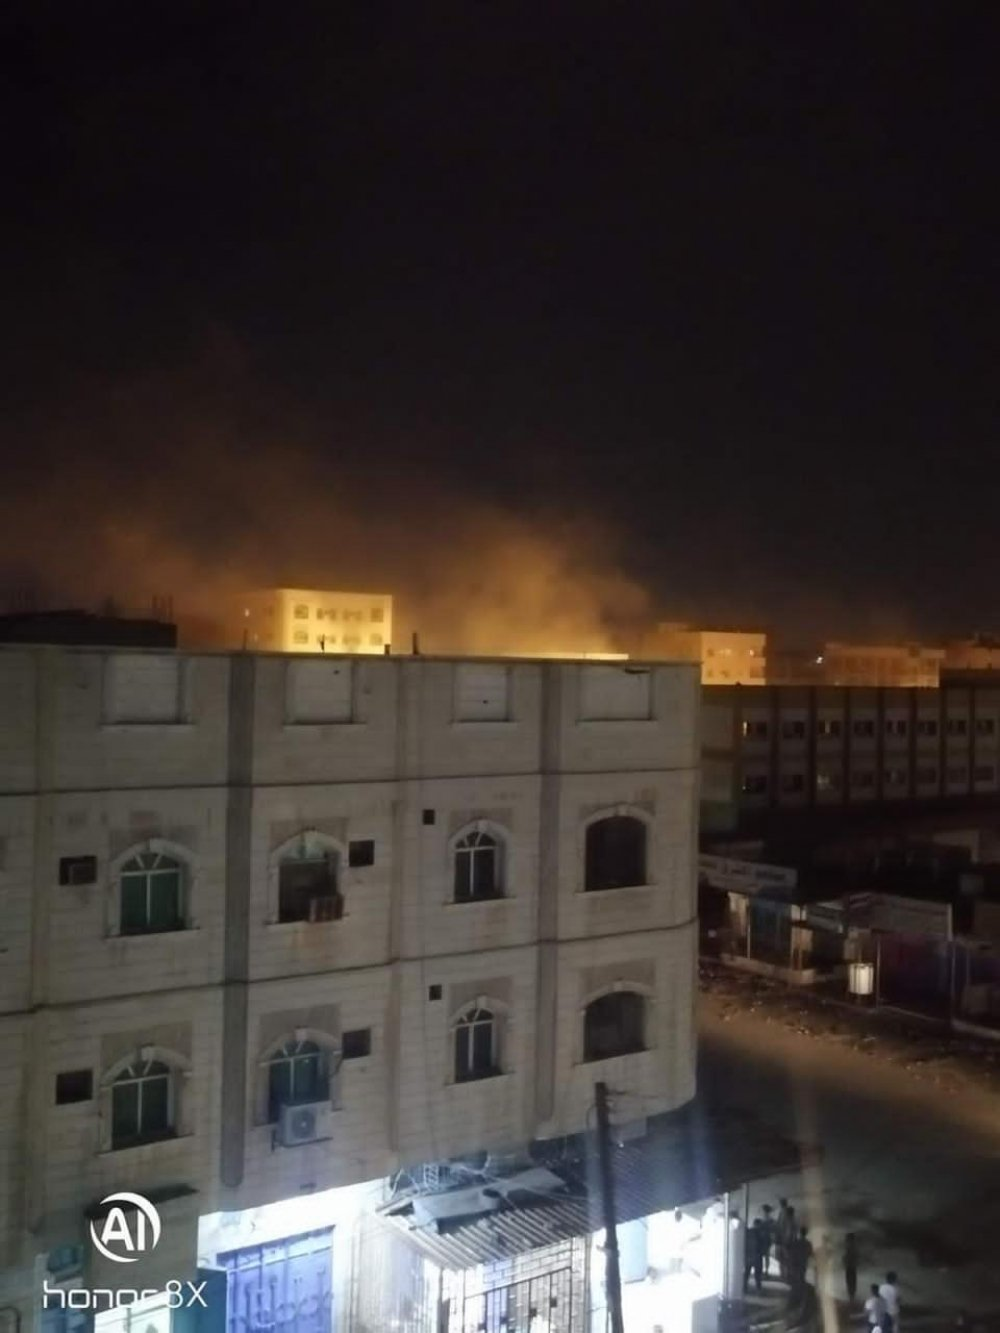 رويترز تكشف عن انفجار ضخم هز مدينة عدن اليمنية